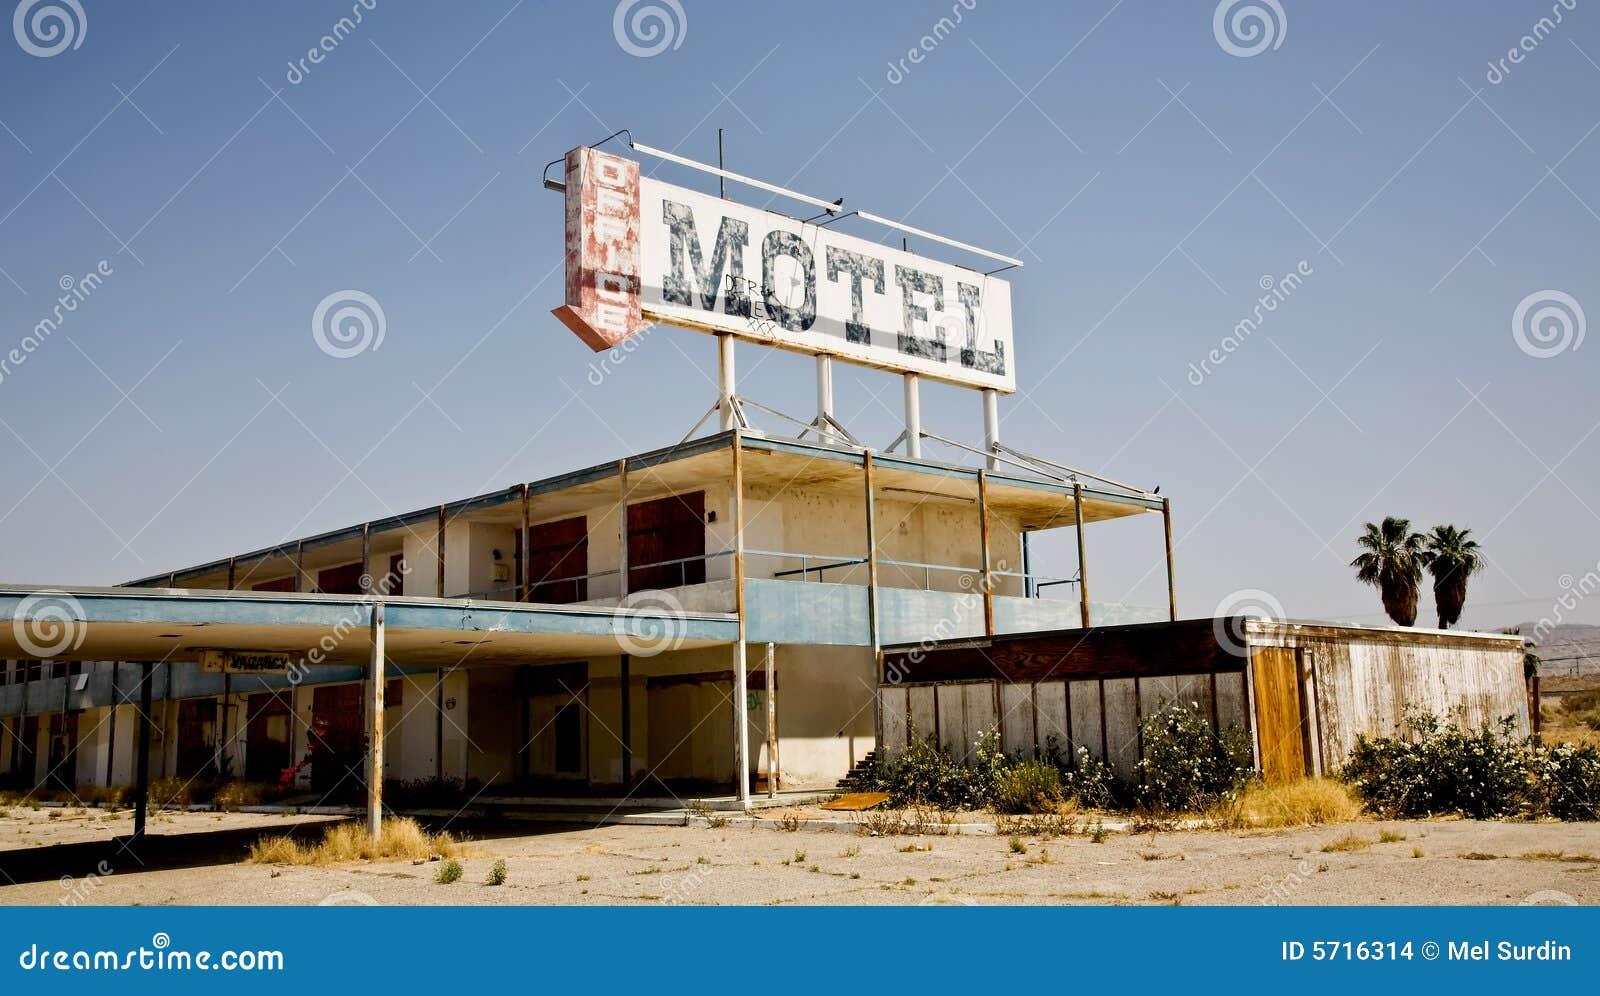 abandoned-motel-salton-sea-ca-5716314.jp